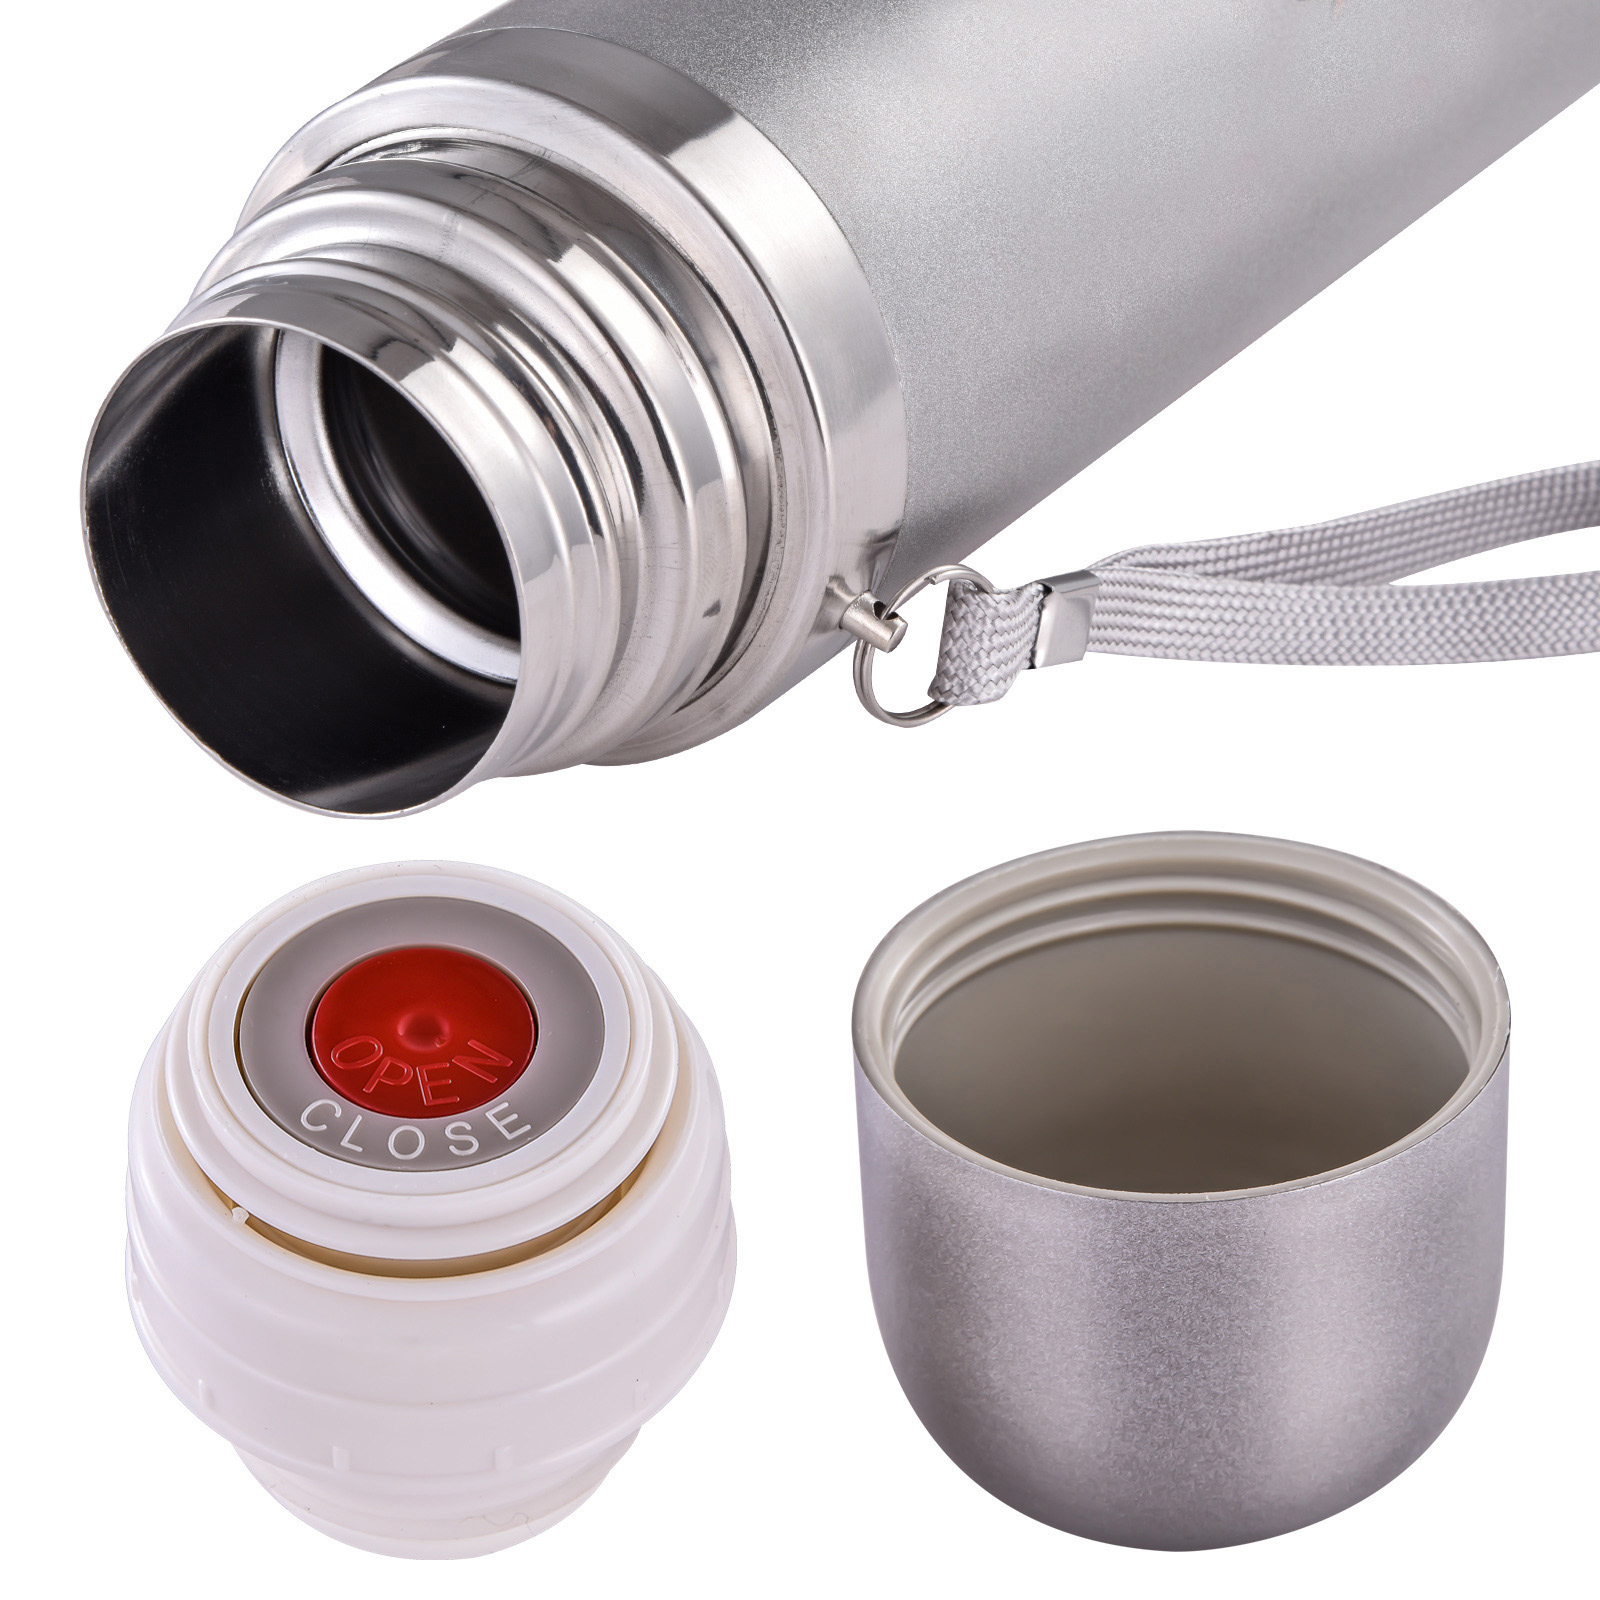 Кнопка-клапан и крышка-чашка